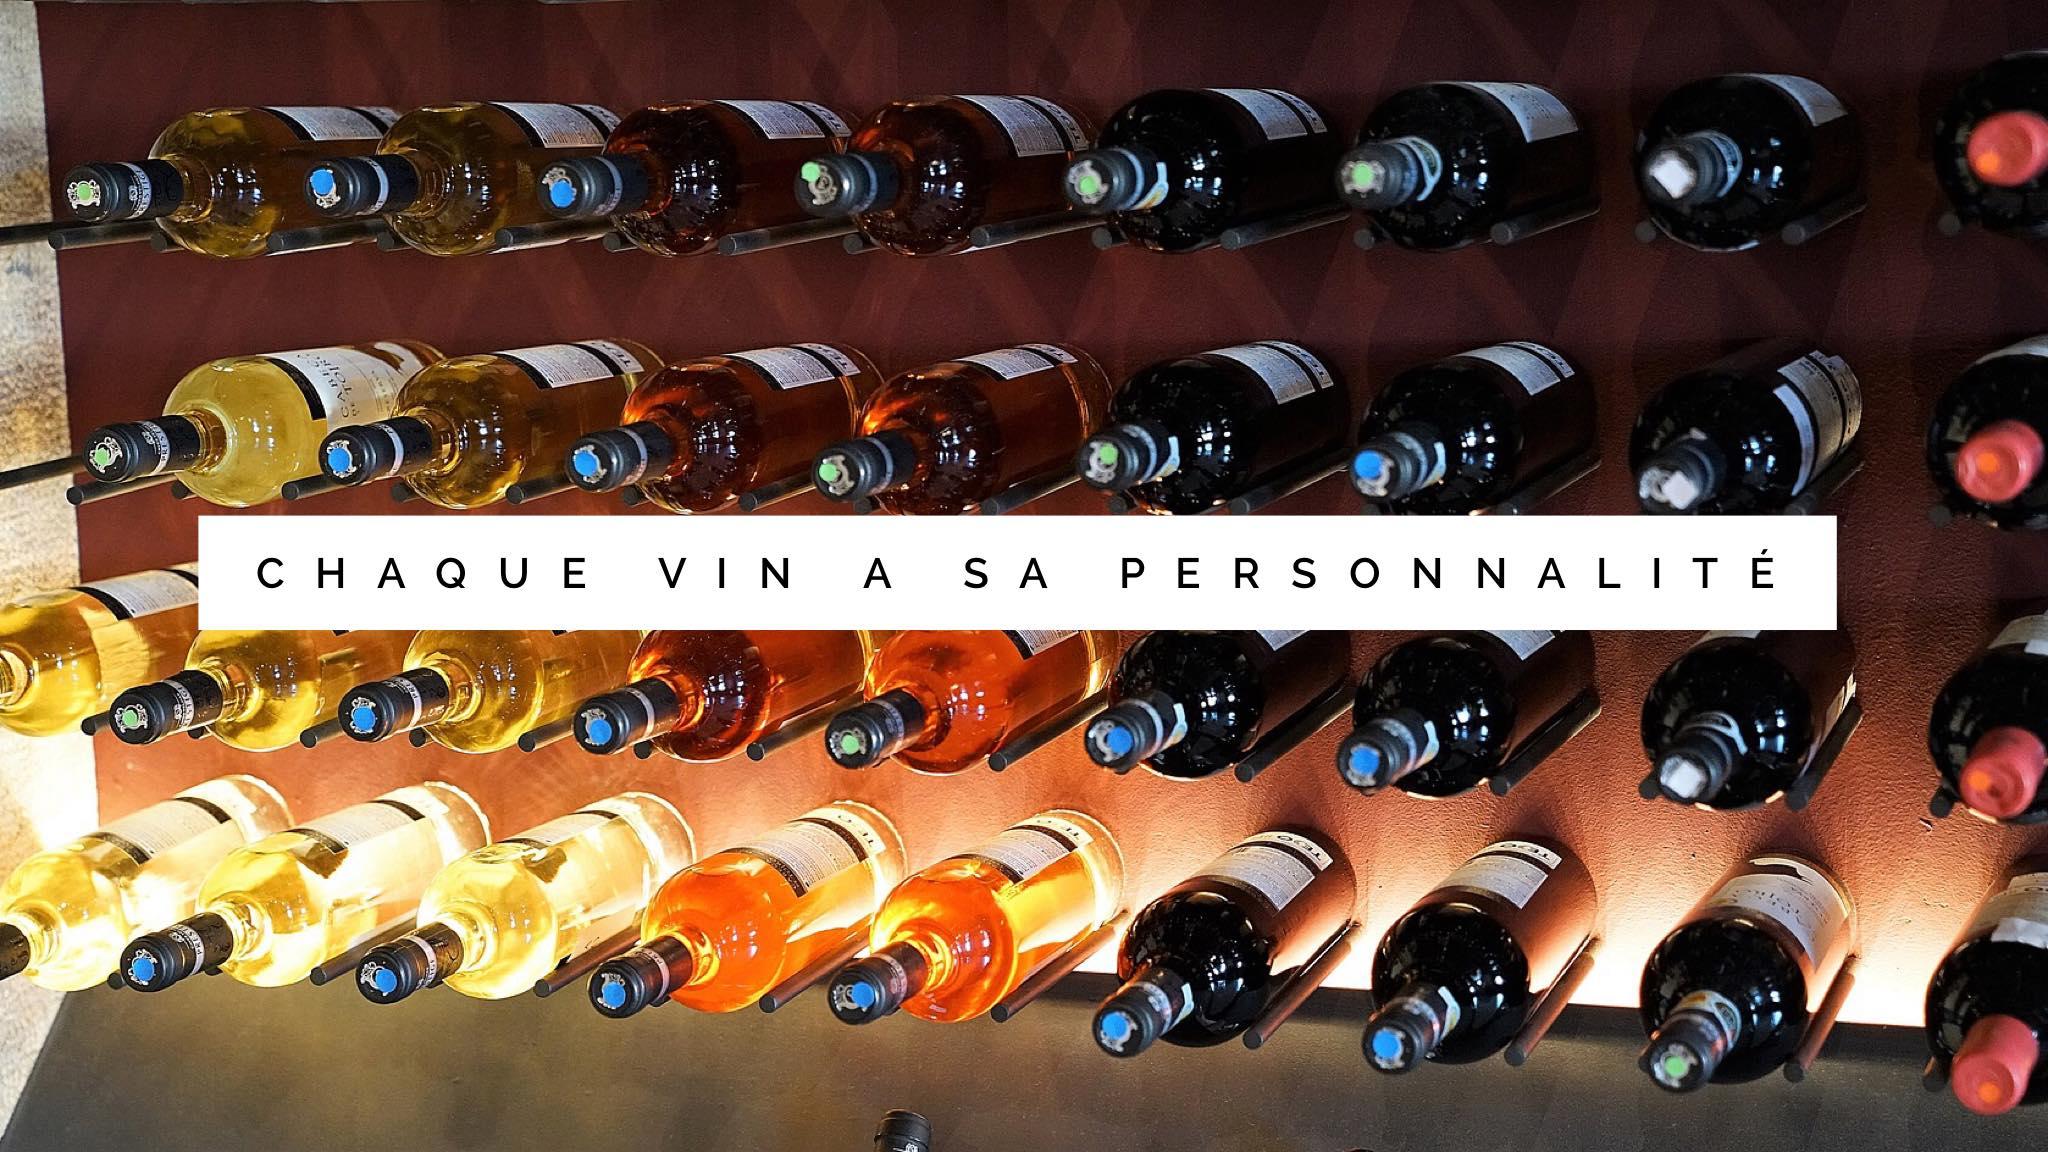 chaque vin a sa personnalité